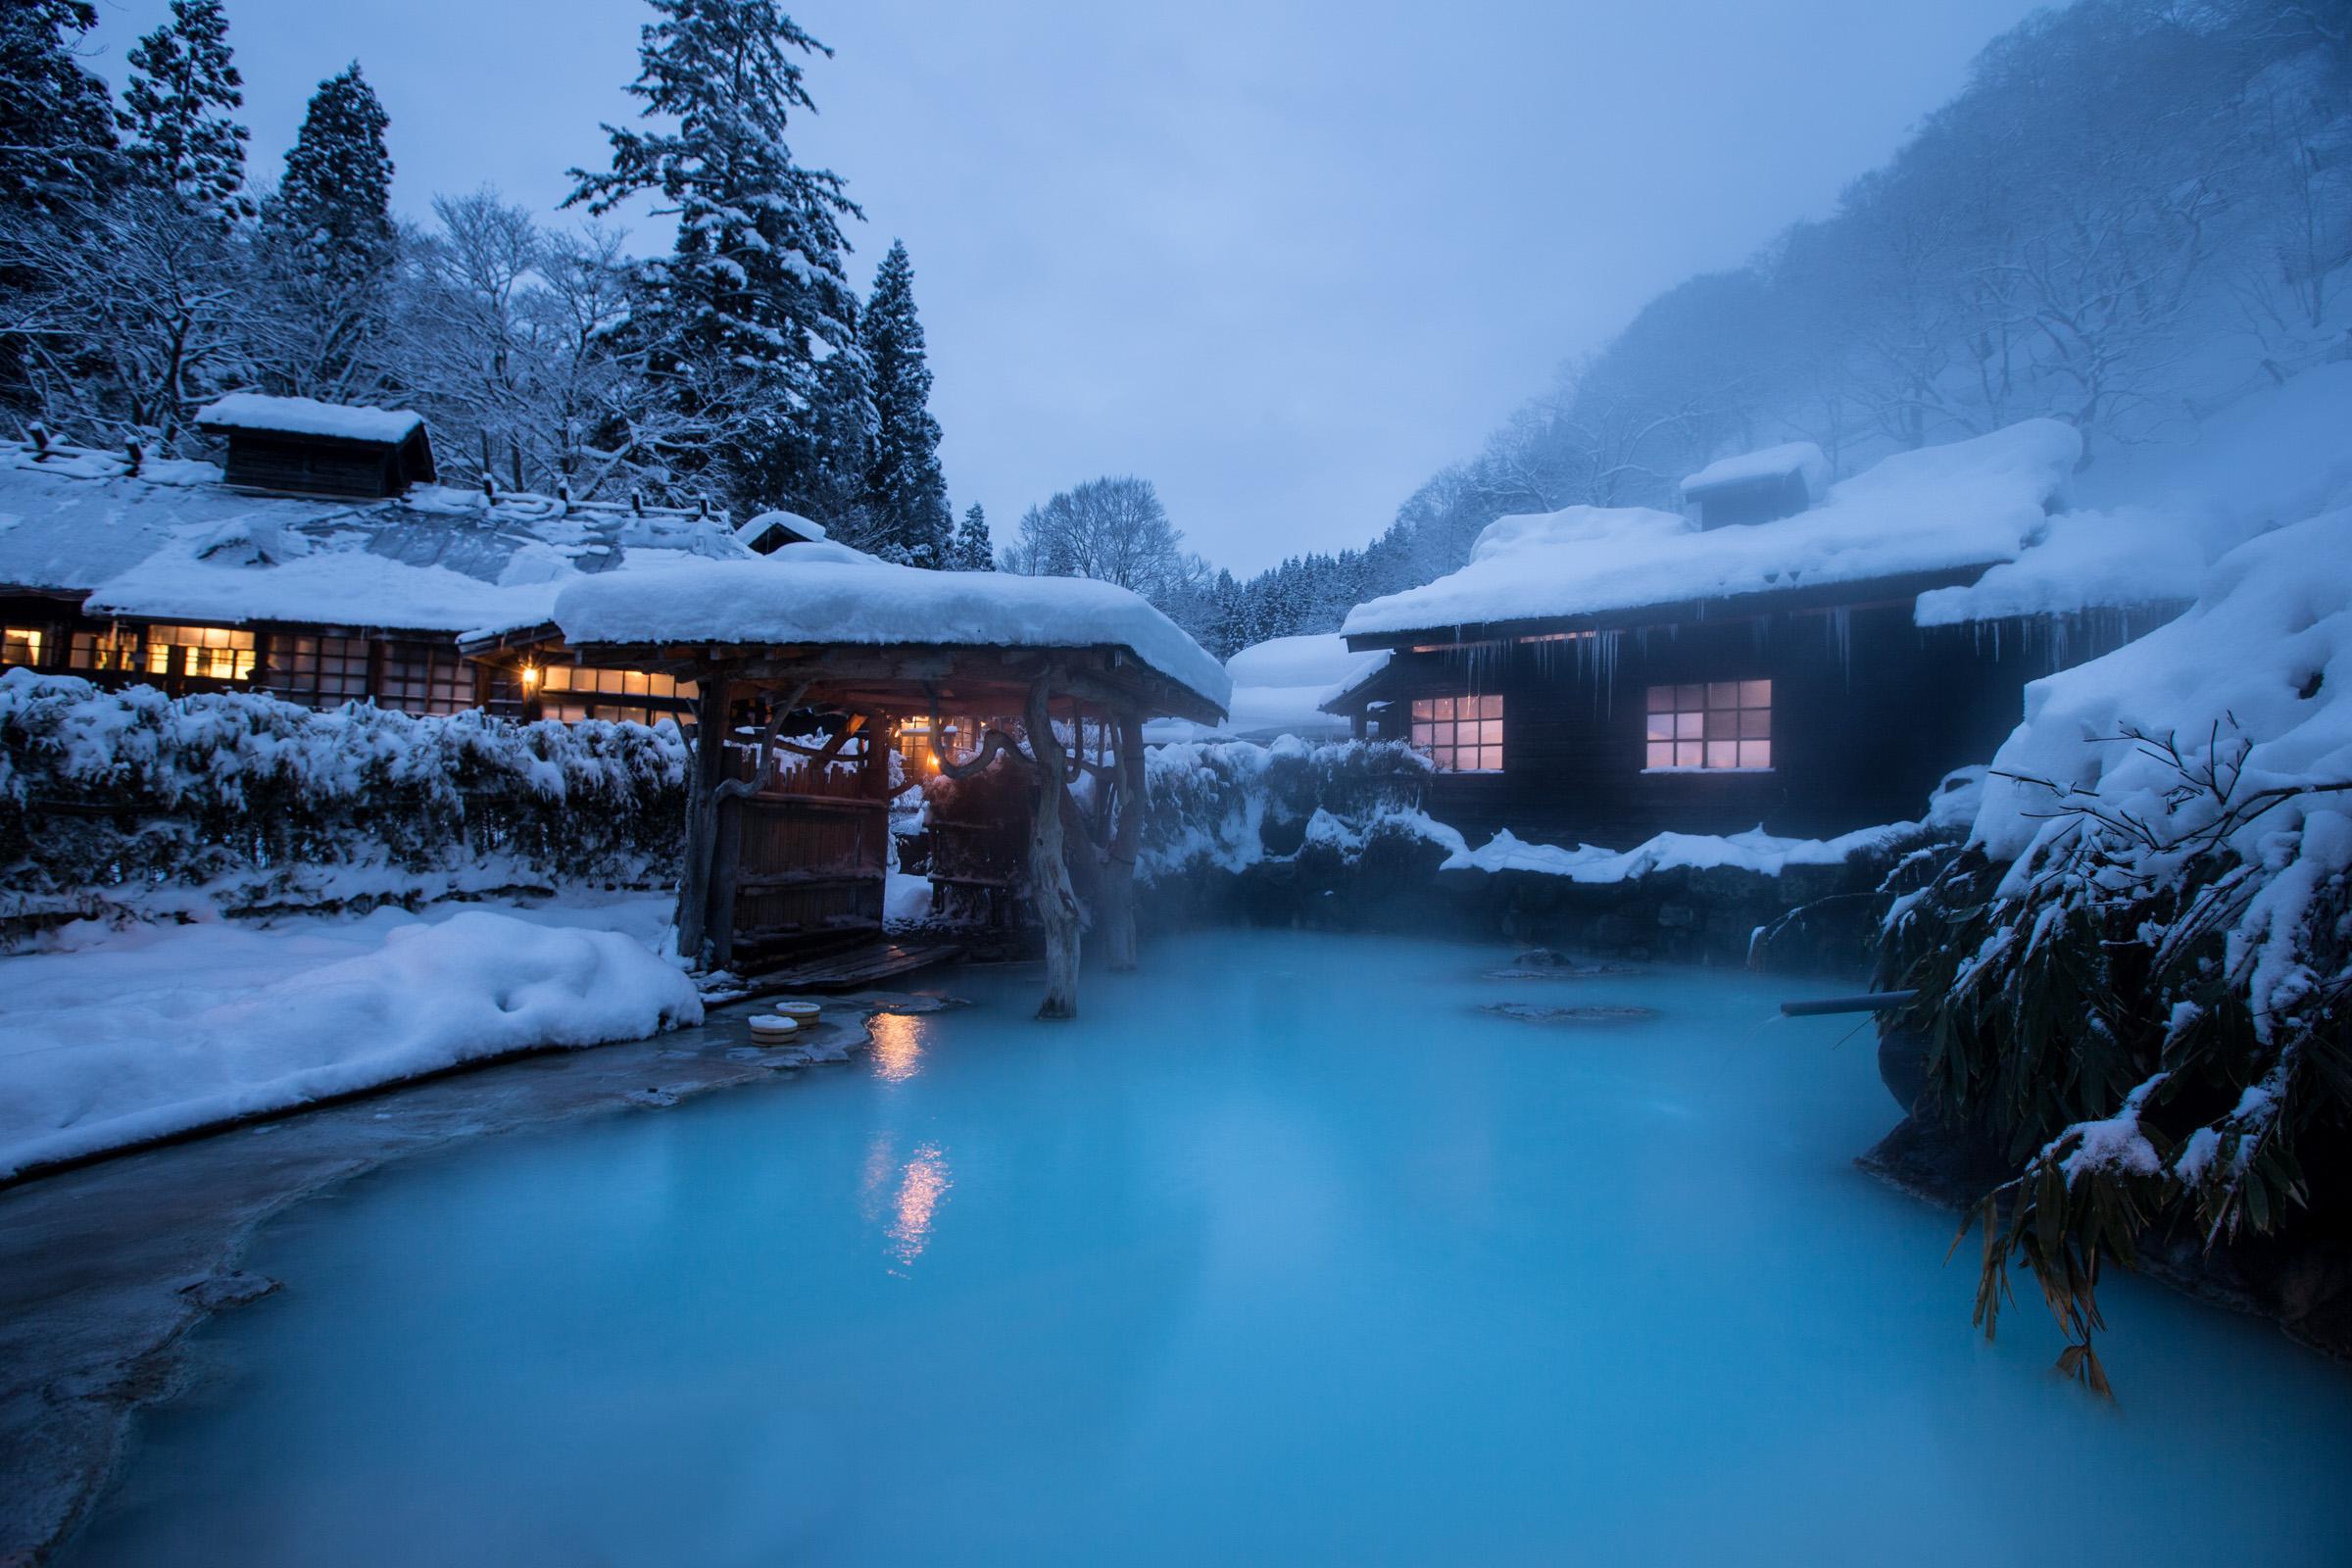 Outdoor Bath at Tsurunoyu Onsen in Nyuto Onsen, Japan Tours, RediscoverTours.com